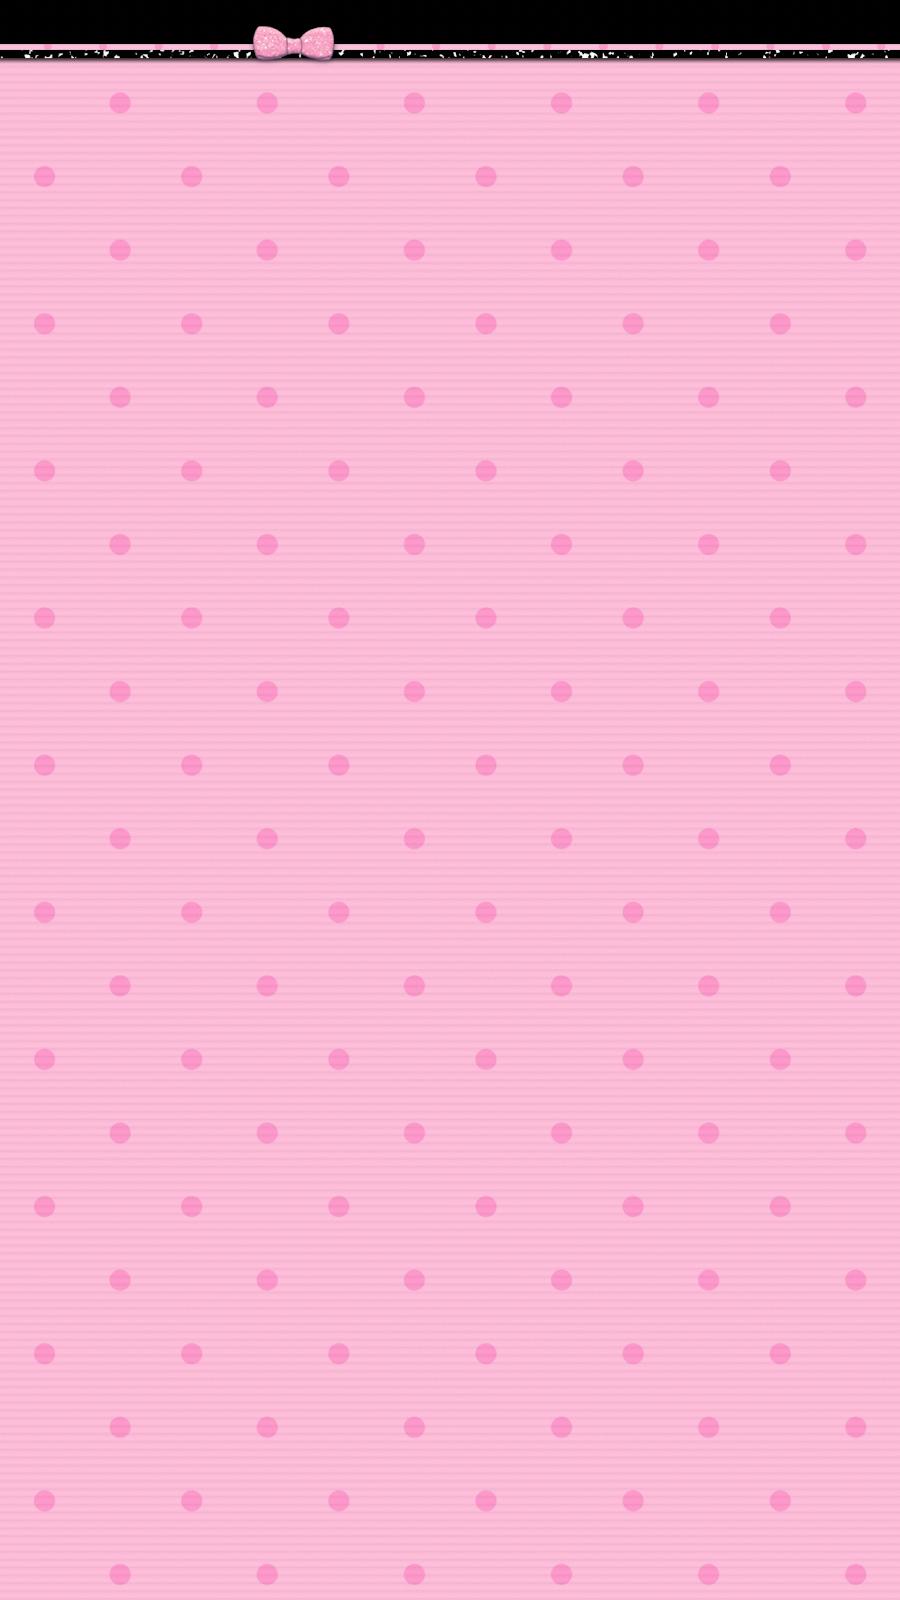 Download   Wallpaper Home Screen Pineapple - FB7D70E6-7AC6-4C46-894C-B2F38EA021D7  You Should Have_28143.png